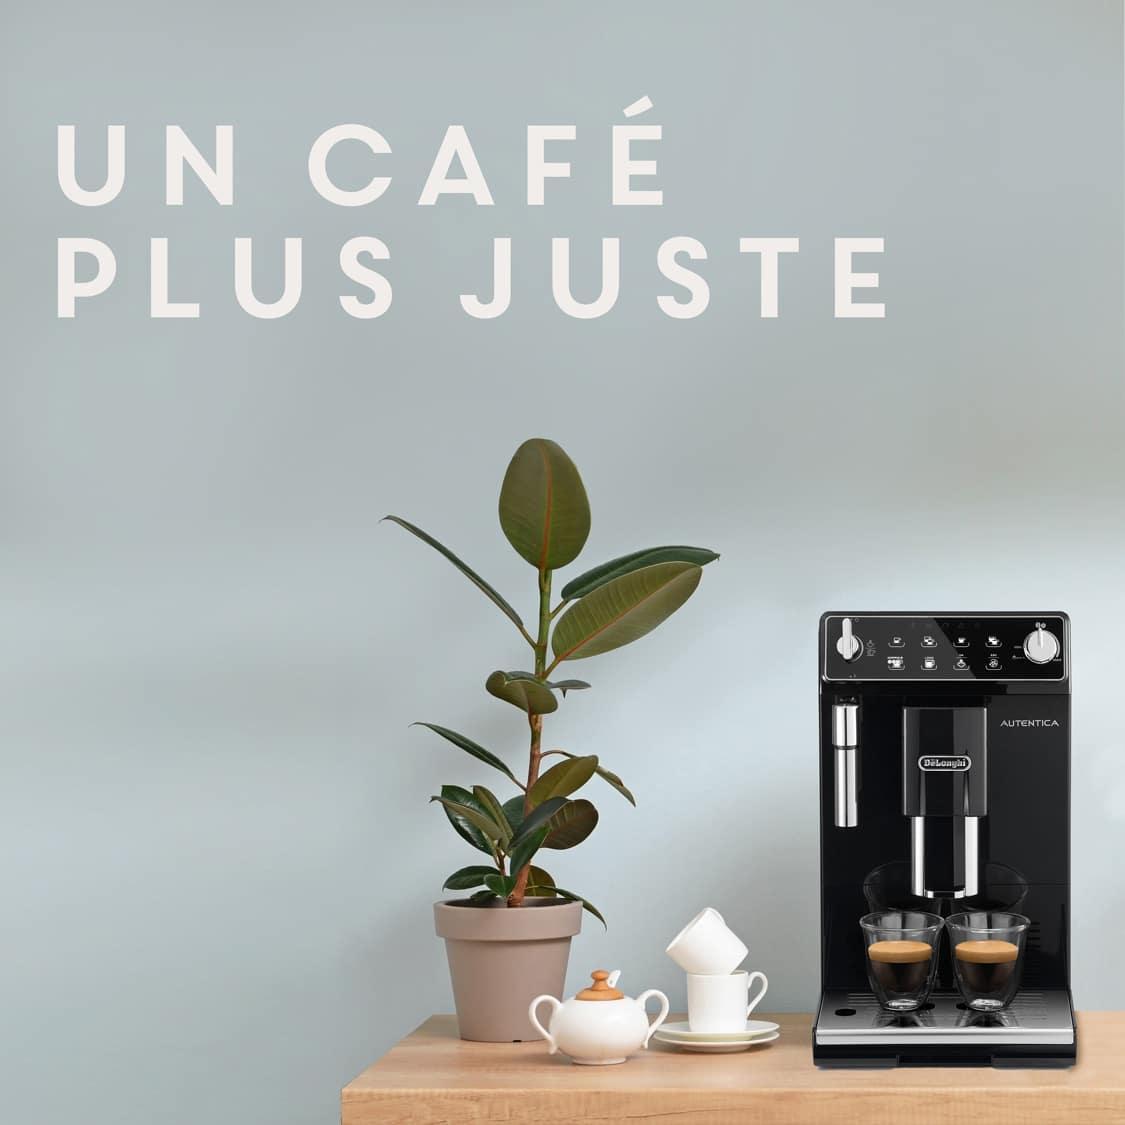 ambiance-machine-cafe